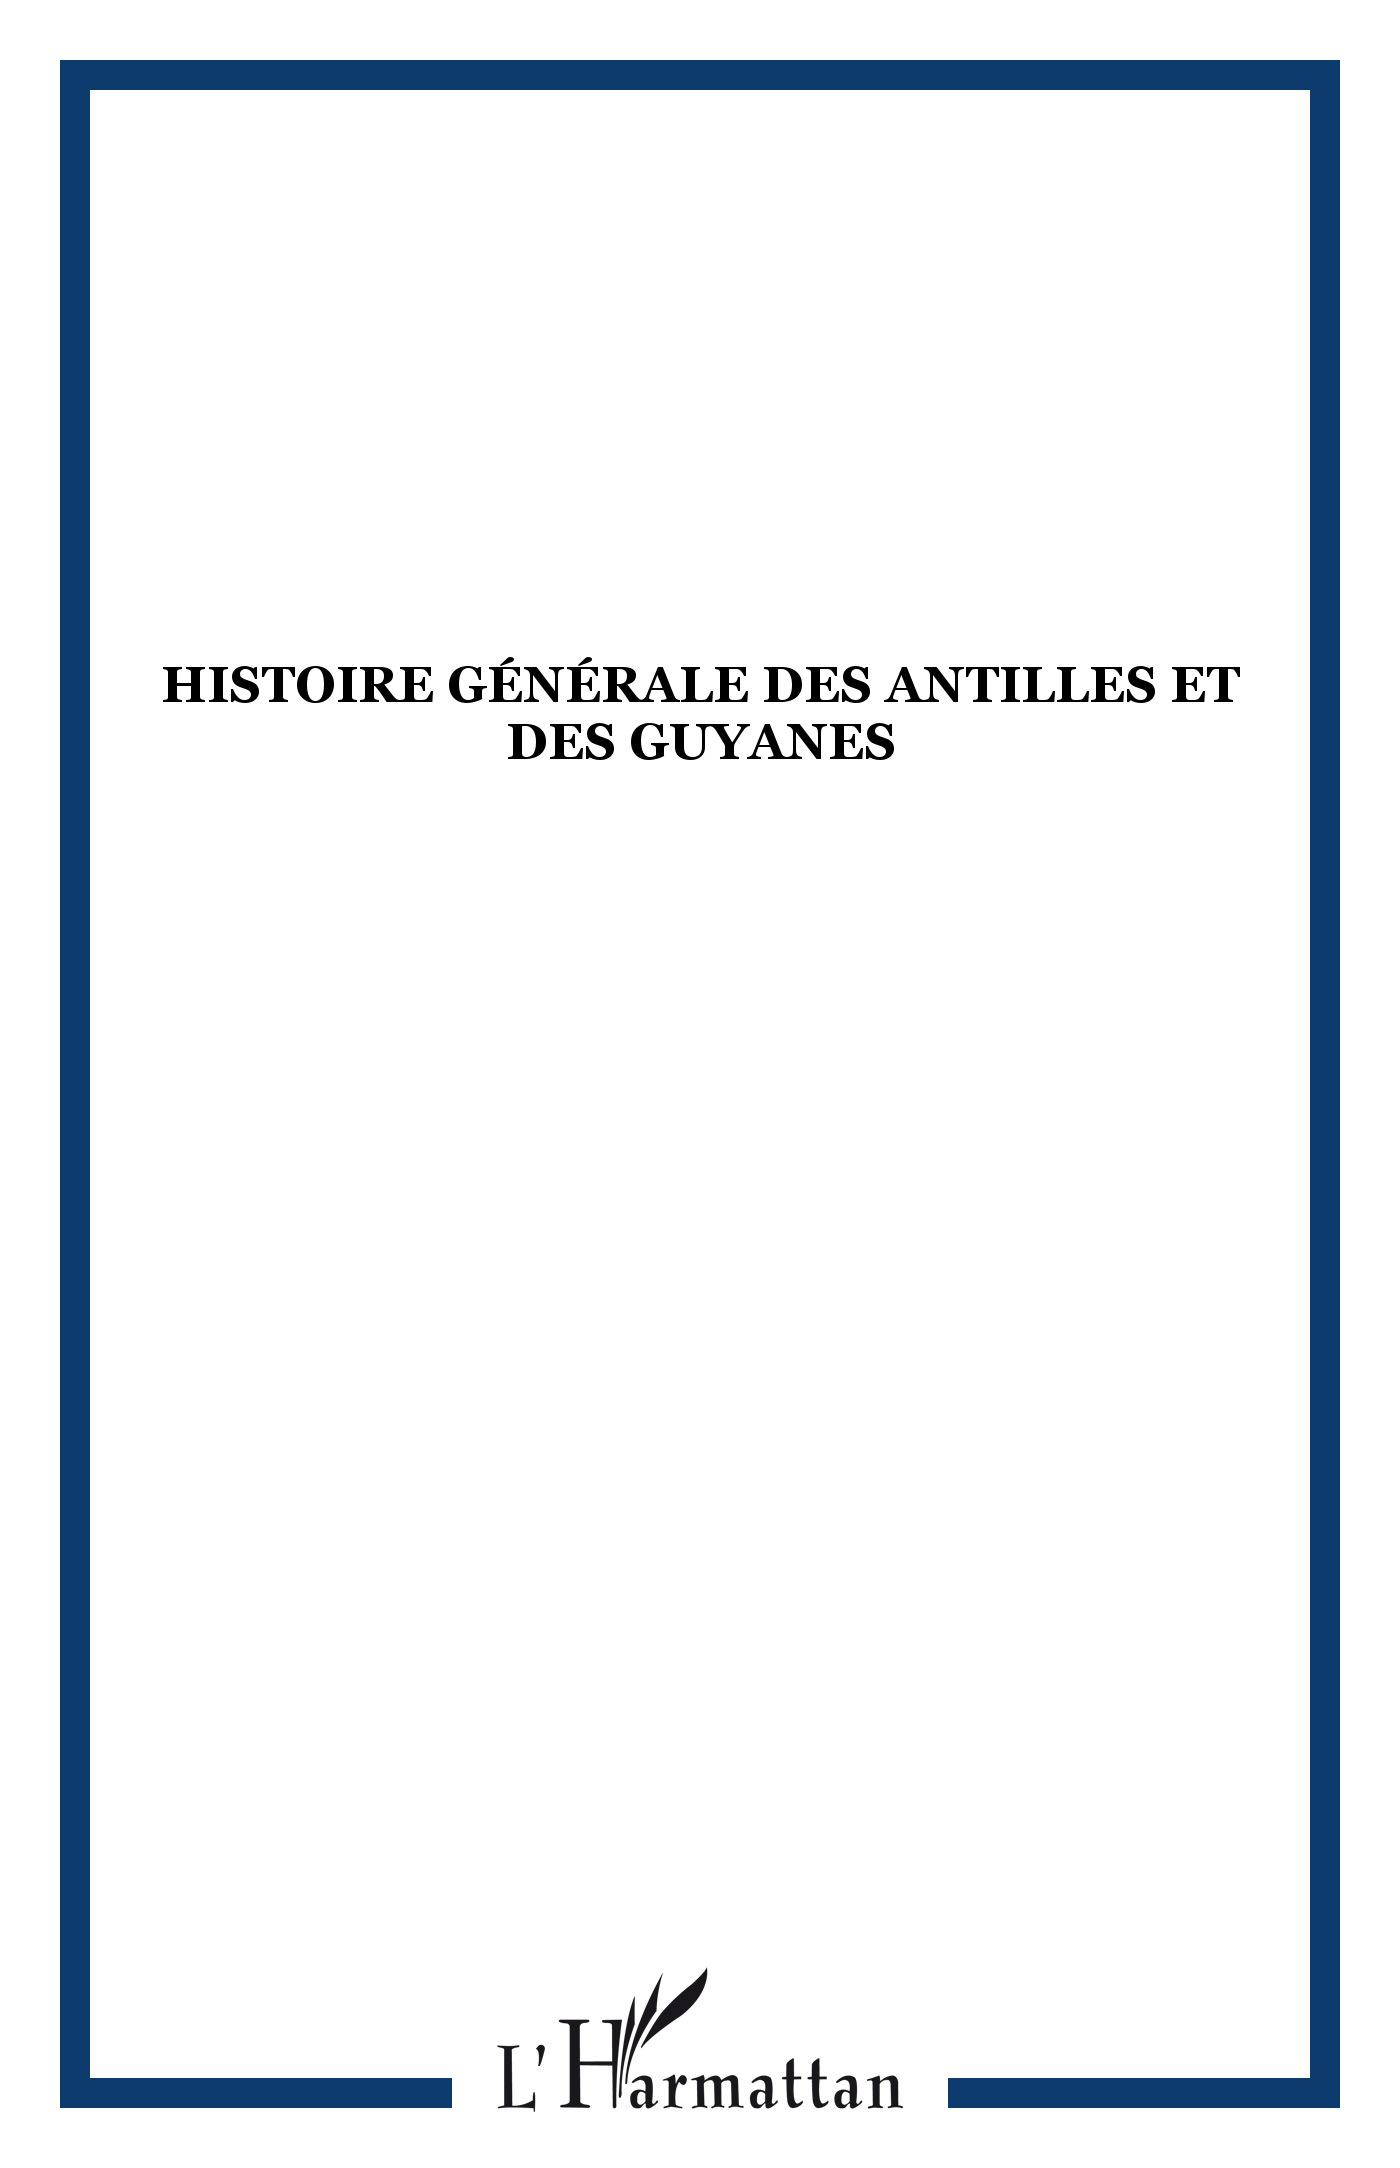 Histoire générale des Antilles et des Guyanes